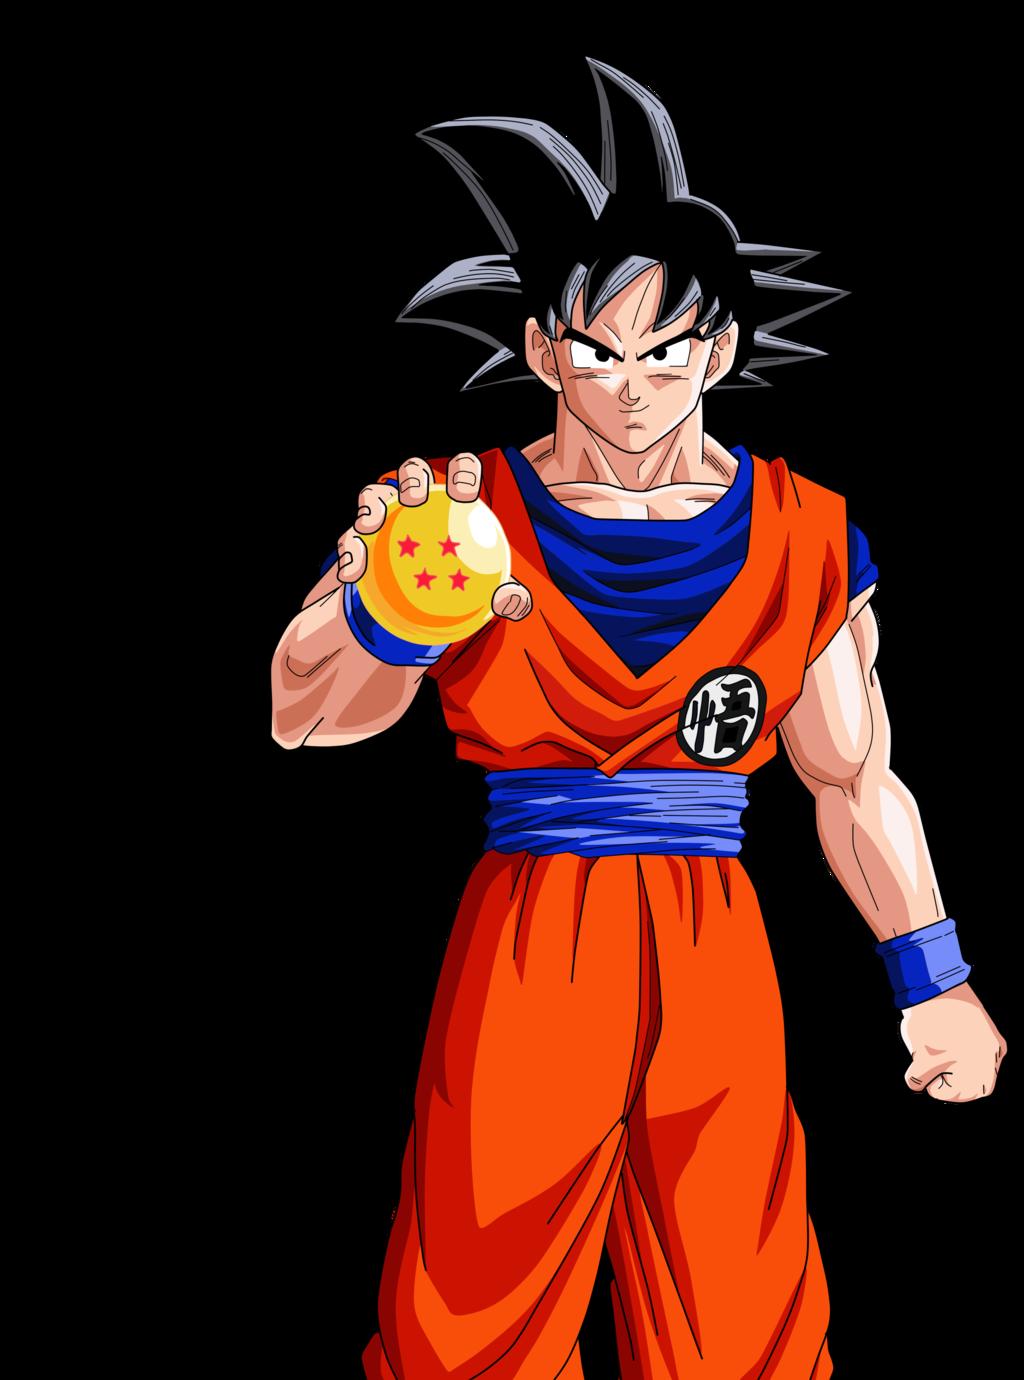 Goku render by aliensurxx- Goku